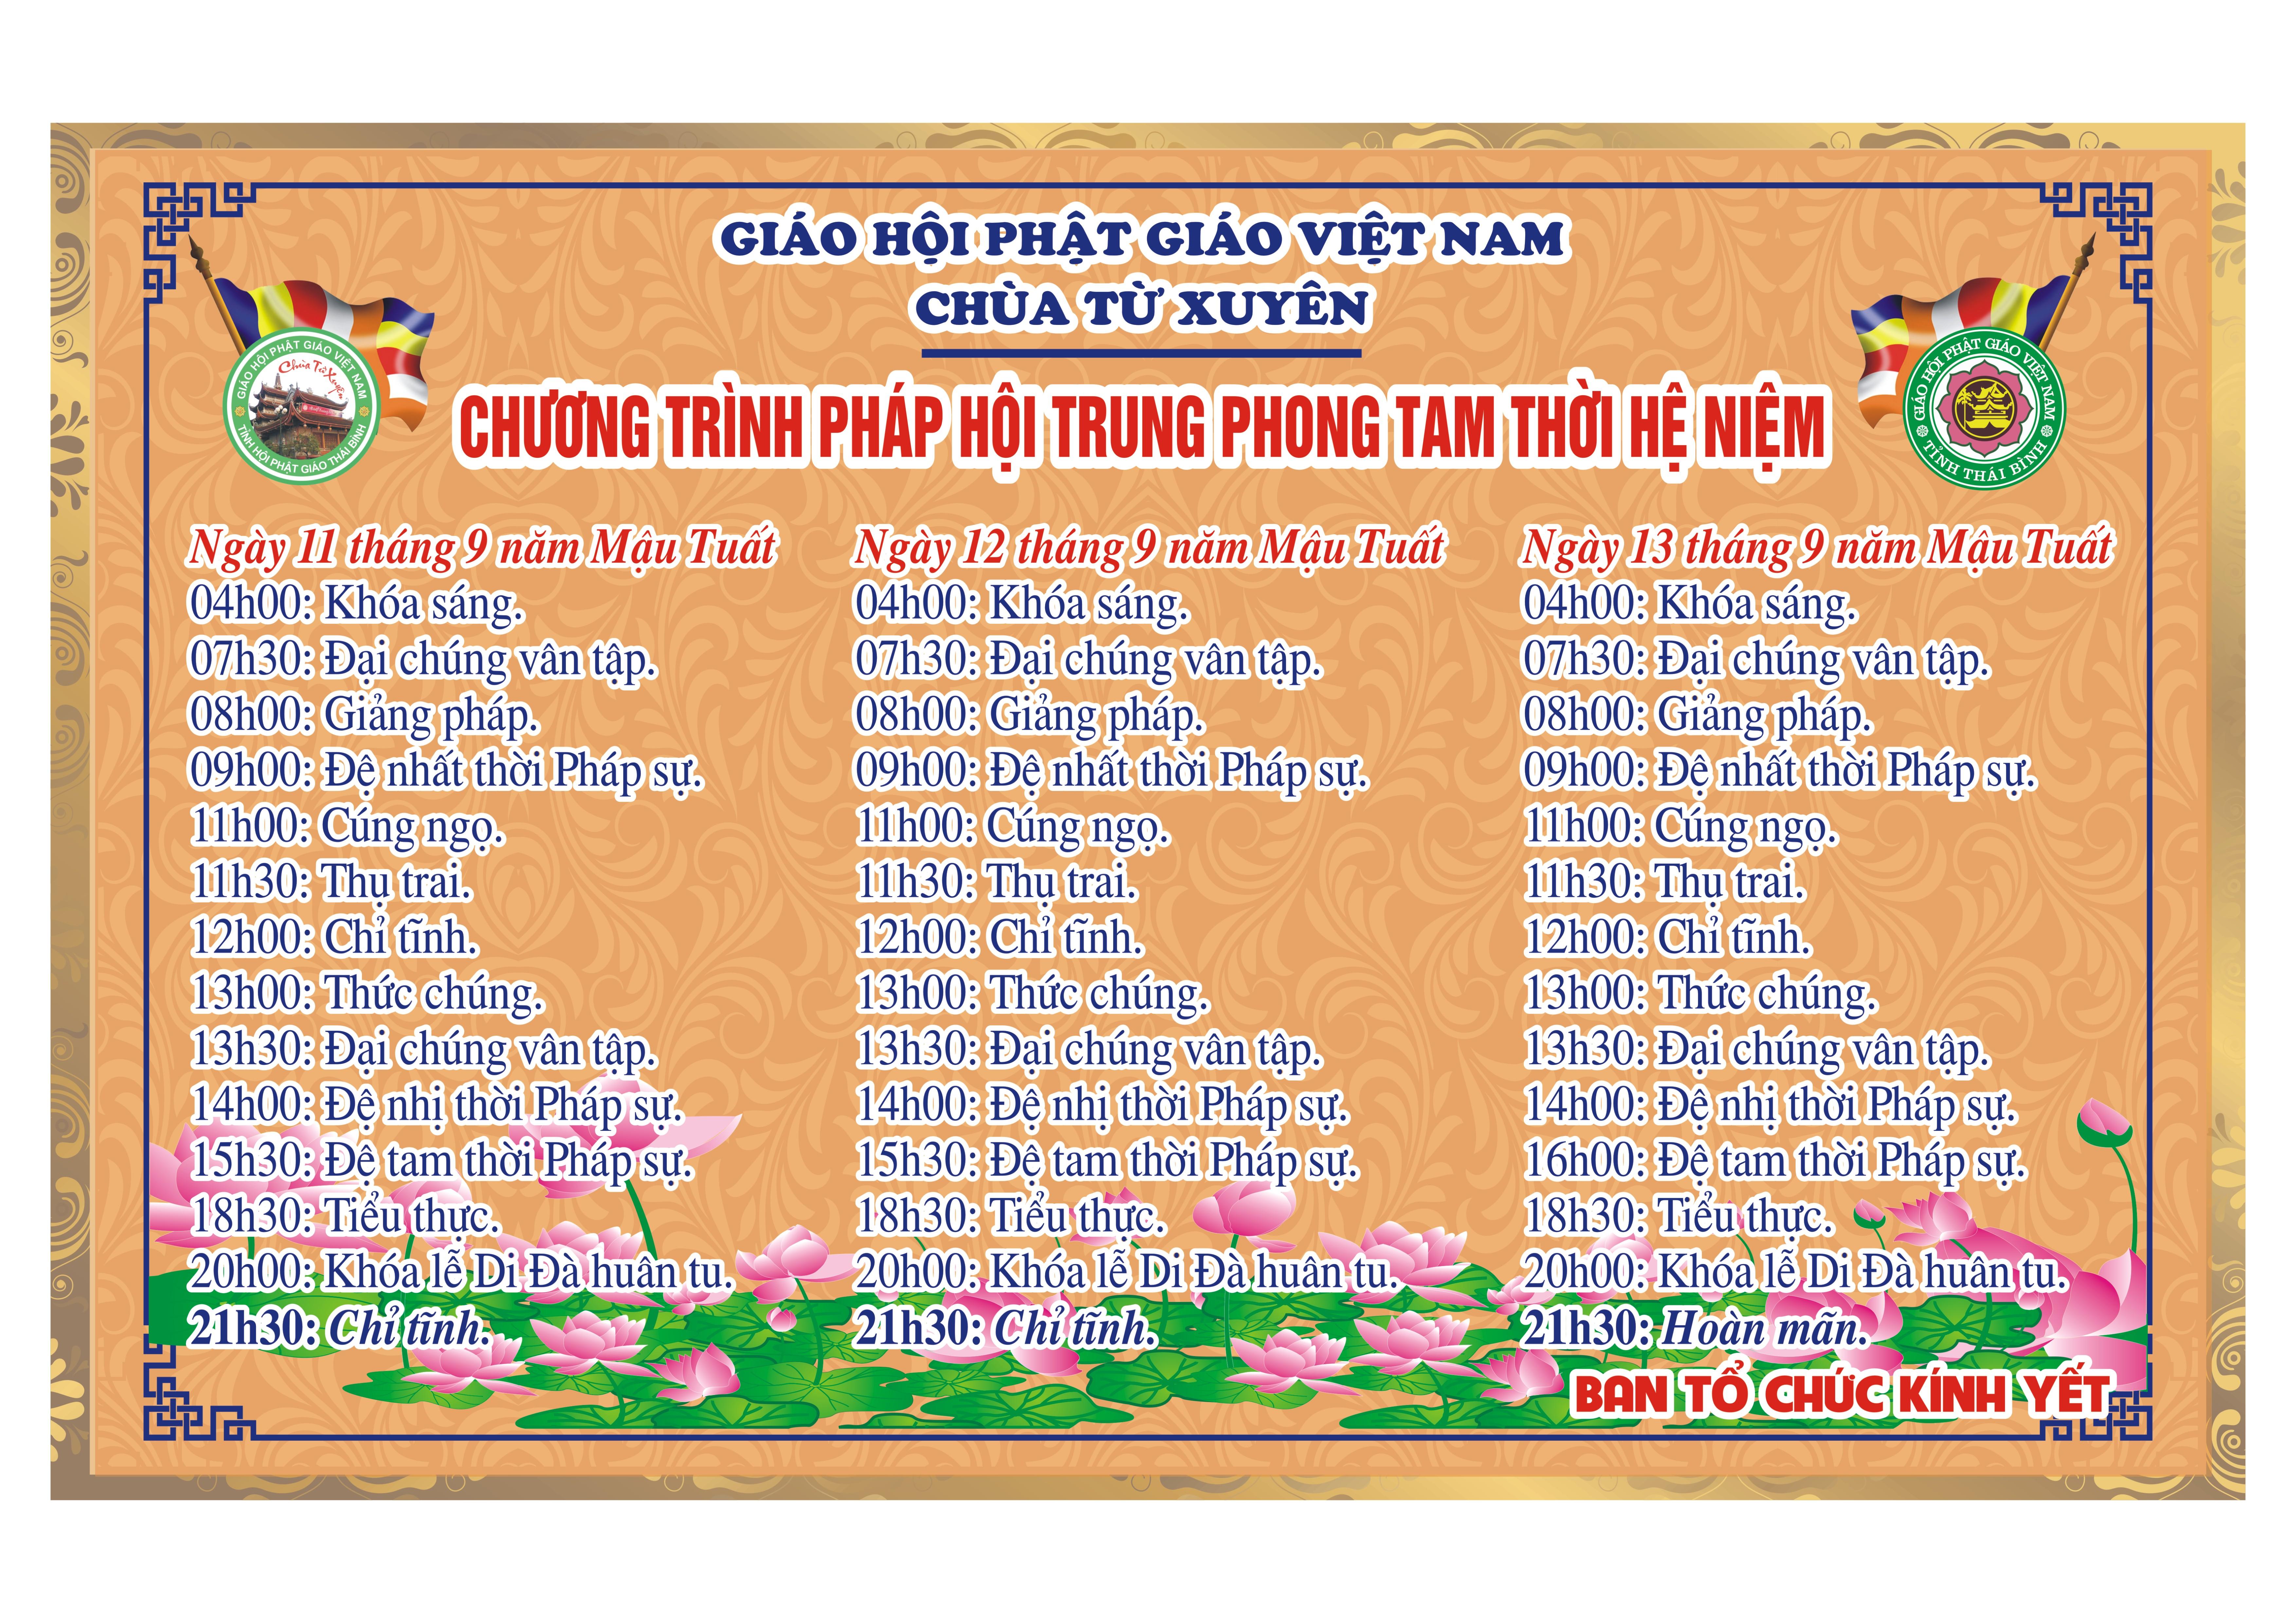 Thông báo: Đại lễ cầu siêu thai nhi tại chùa Từ Xuyên